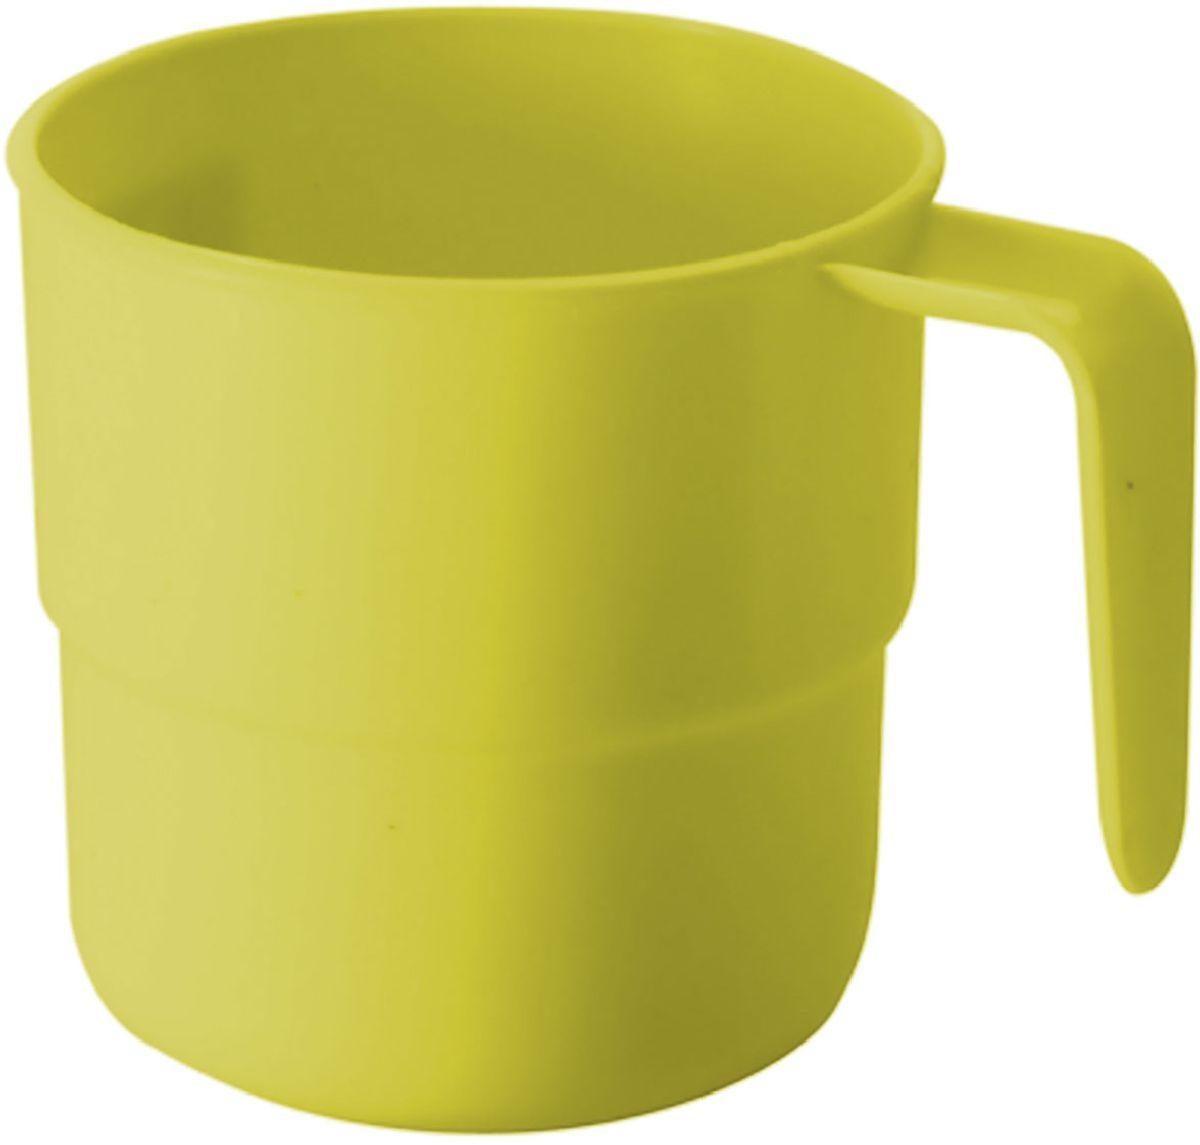 Кружка Plastic Centre, цвет: желтый, 250 мл115510Кружка кемпинговая прекрасно подойдет для дачи, пикника или поездки в поезде. Легкую кружку удобно взять с собой на природу. Прочный пластик подходит для многократного использования.Объем кружки: 250 мл.Размер кружки: 10,5 х 8 см.